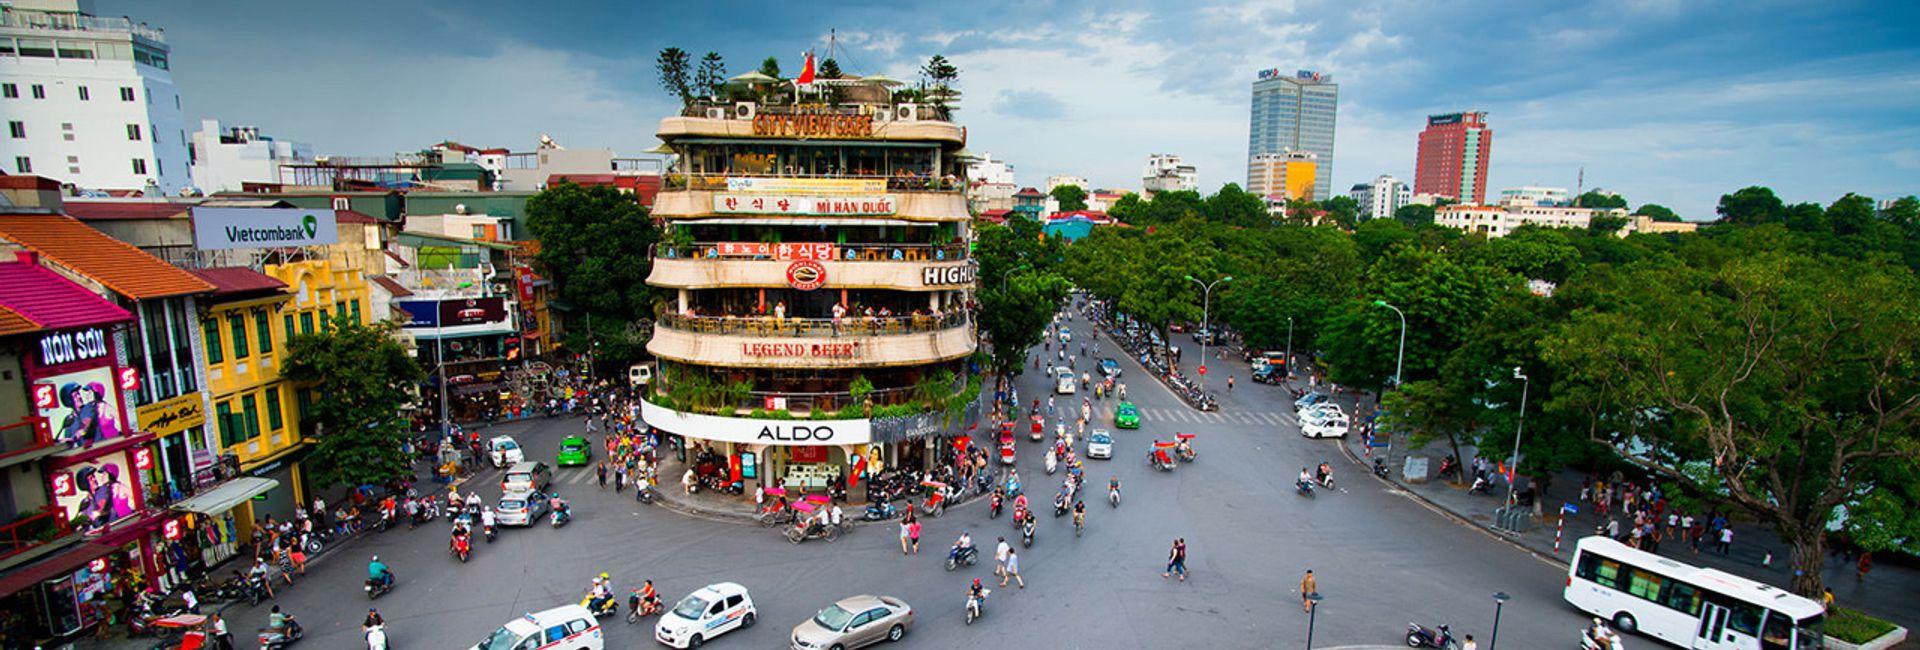 Top 5 địa điểm du lịch nổi tiếng nhất Phố cổ Hà Nội